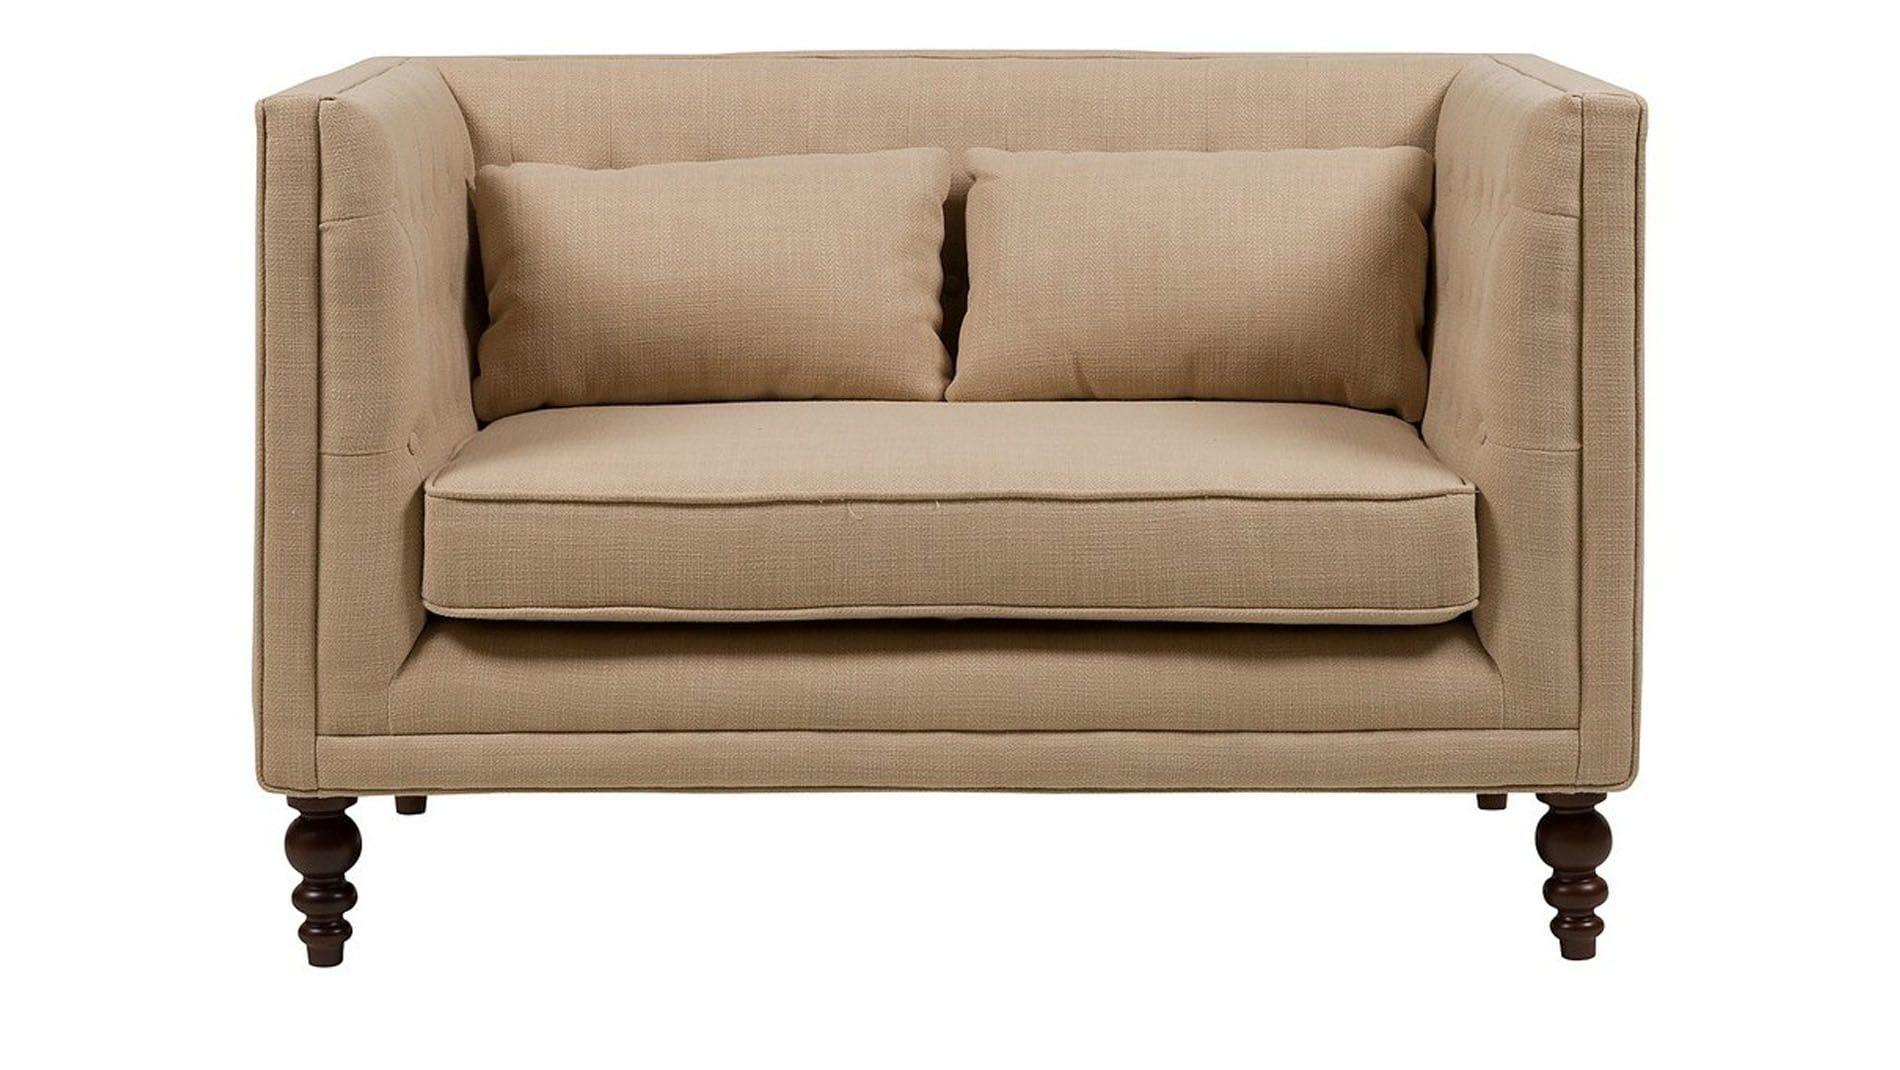 купить диван сhester Sofa бежевый лен цвет бежевый в москве